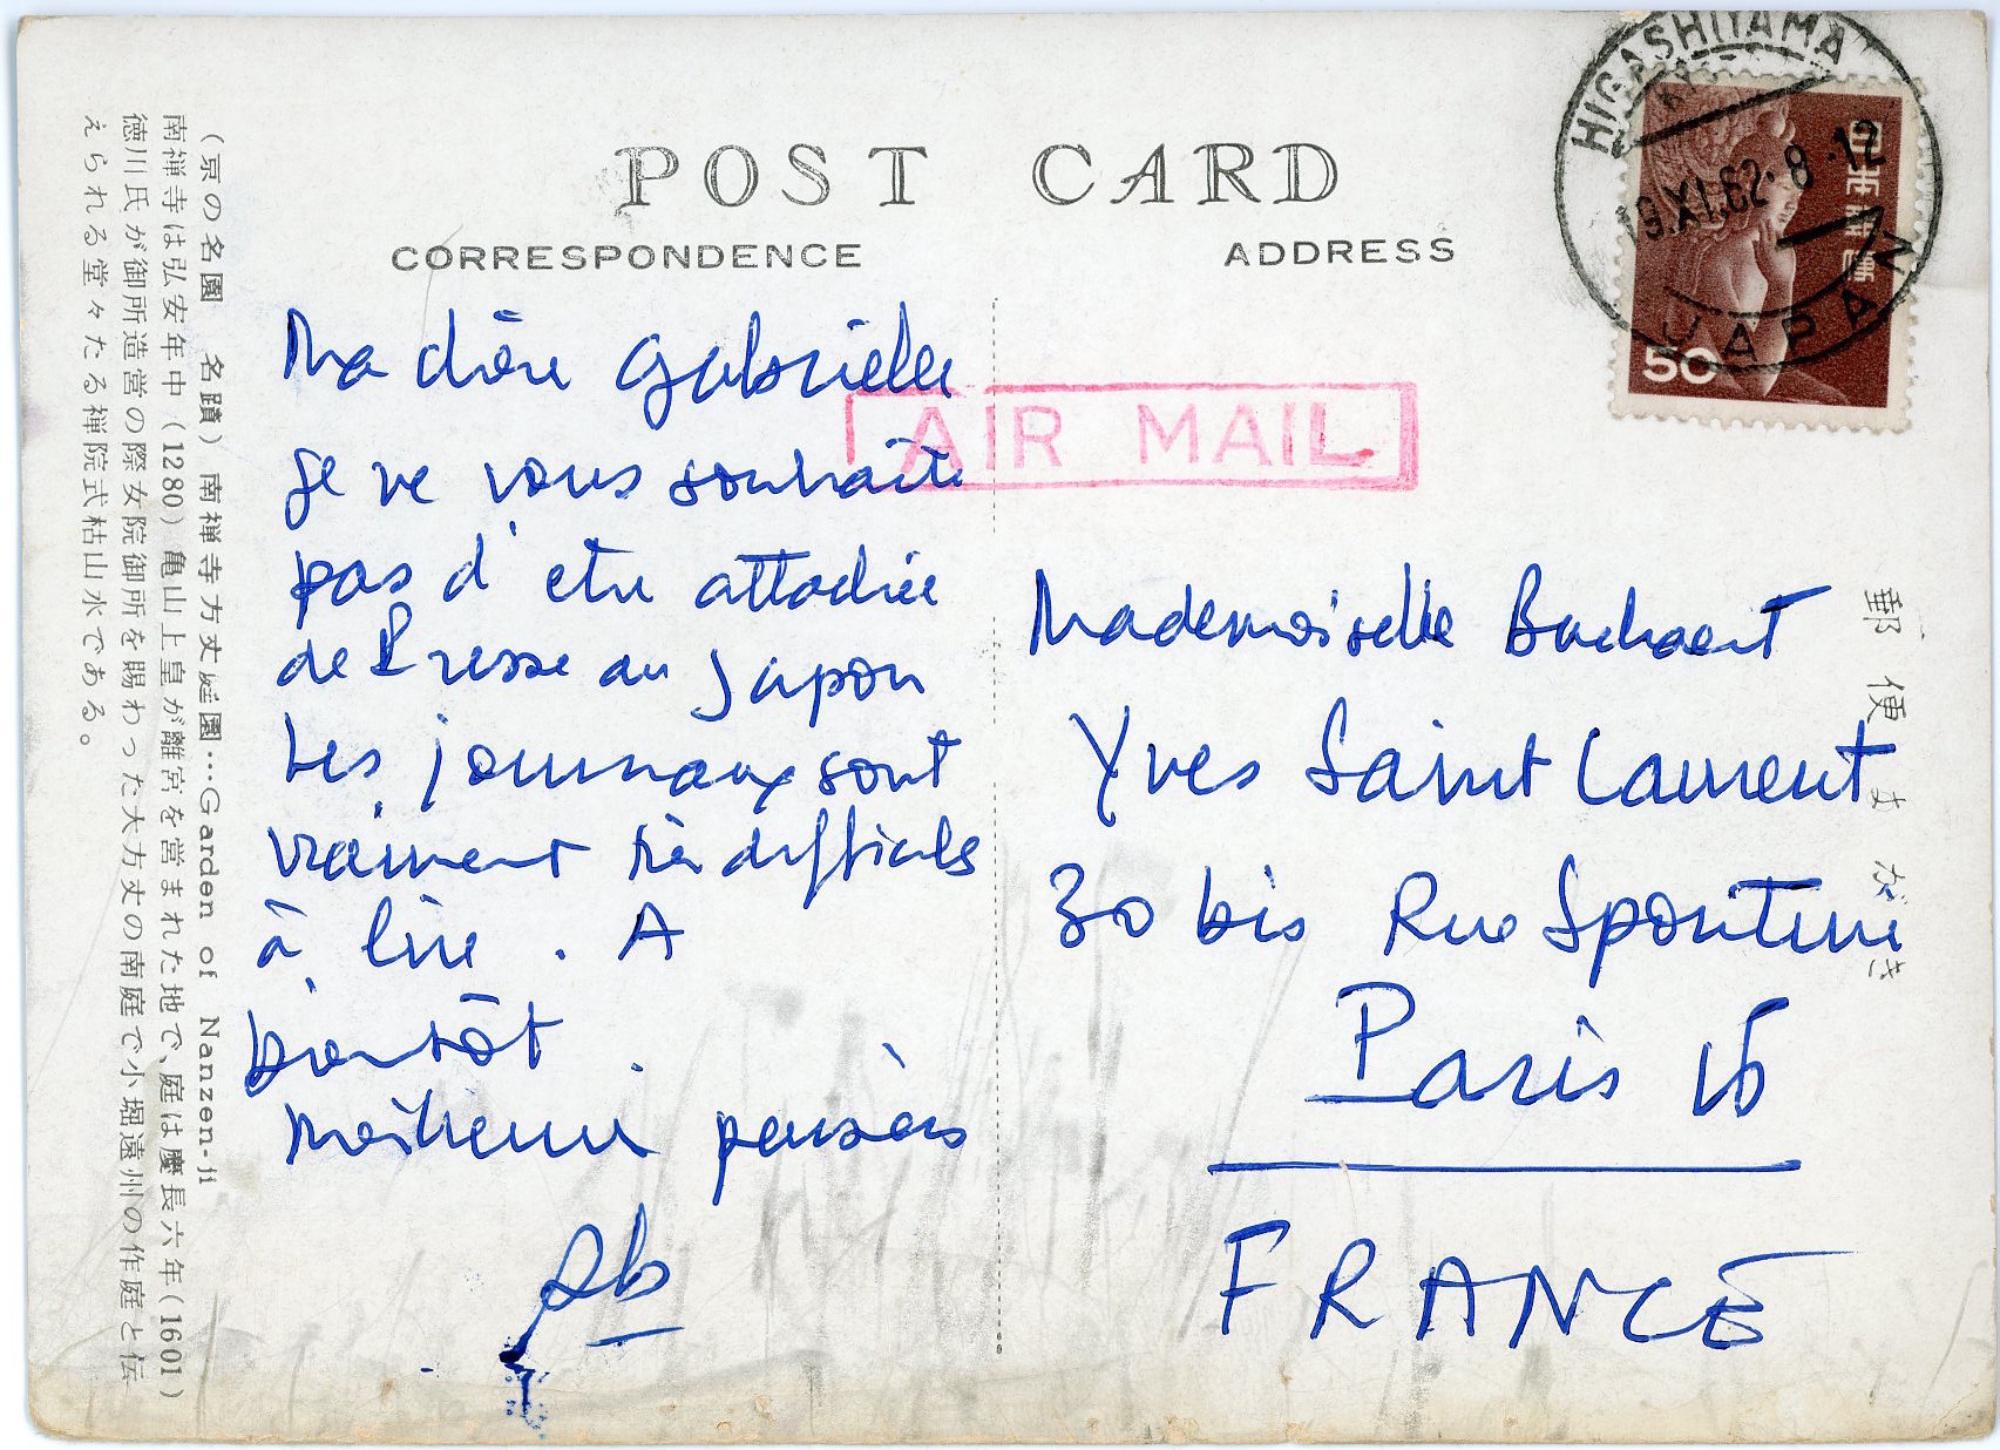 Carte Postale De Pierre Berge Envoyee A Gabrielle Busschaert Directrice Du Service Presse La Maison Yves Saint Laurent Lors Son Premier Voyage Au